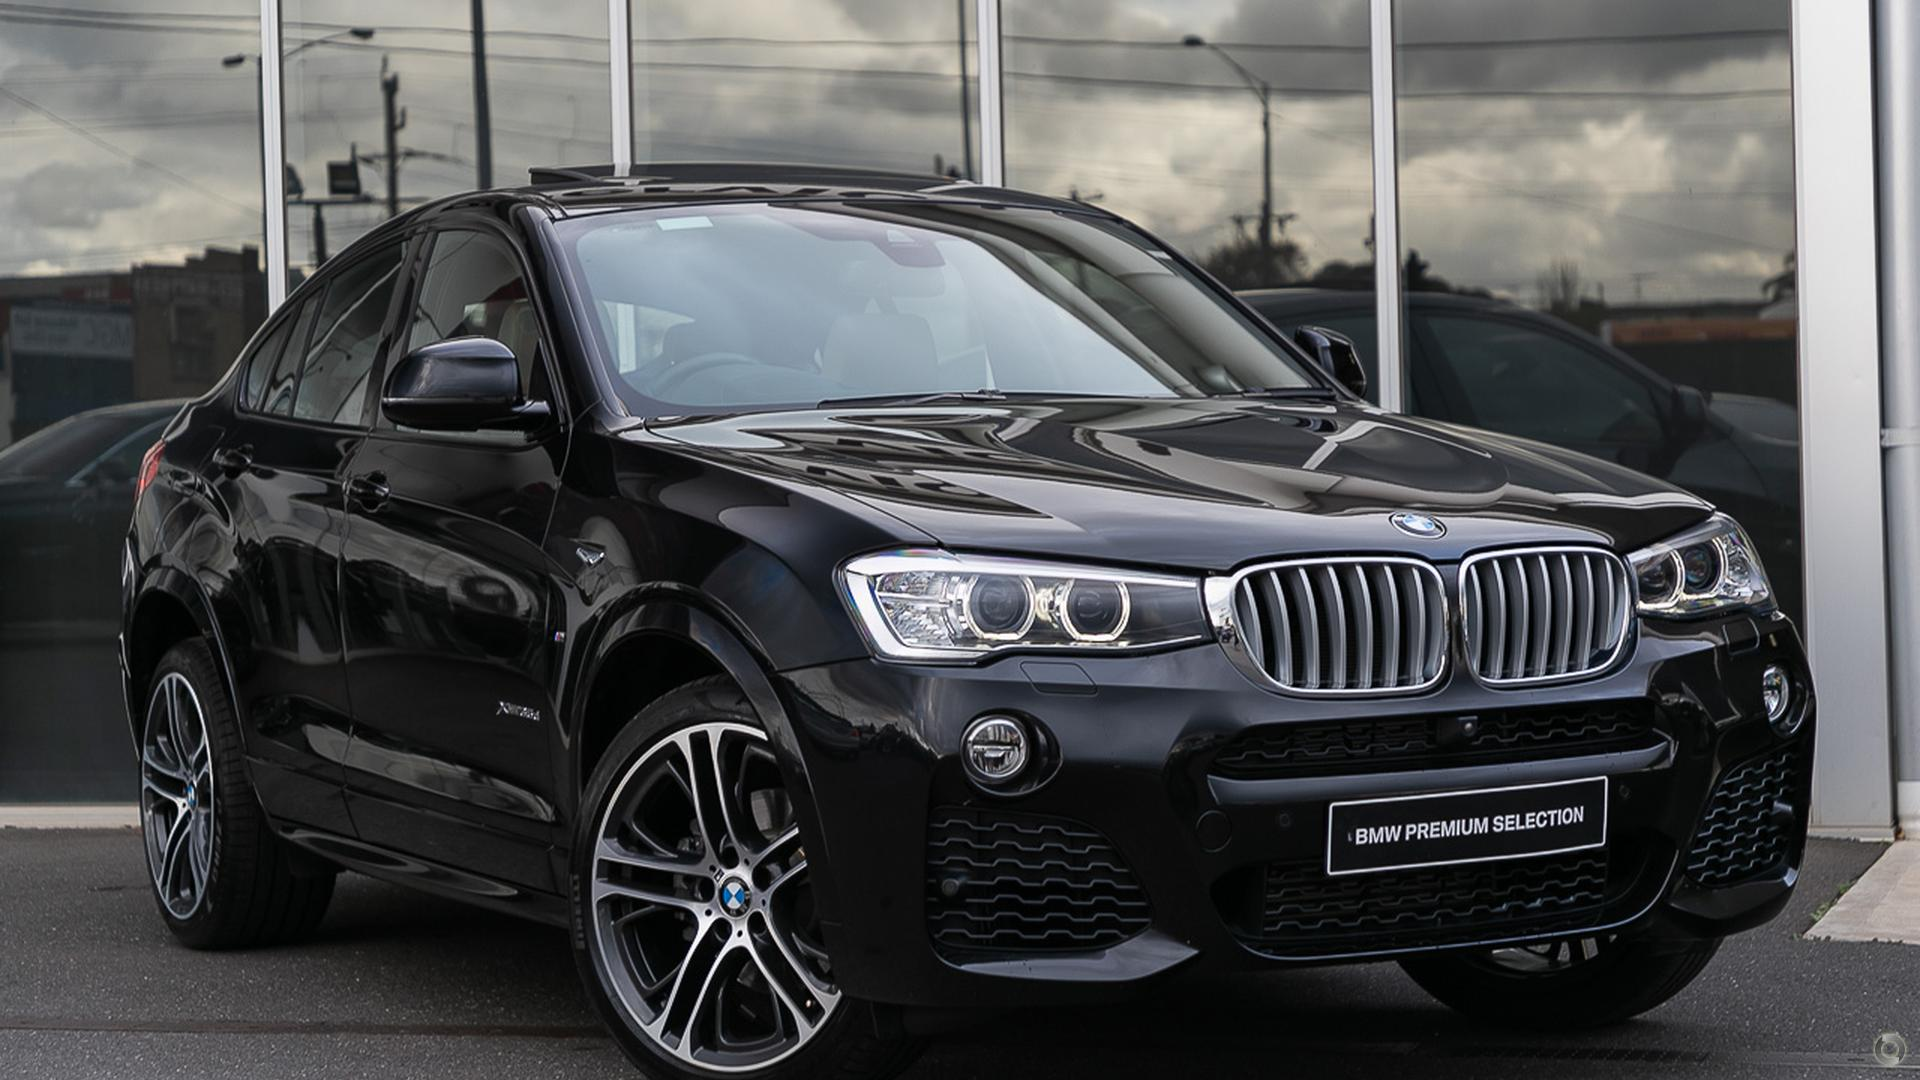 2017 BMW X4 xDrive35d